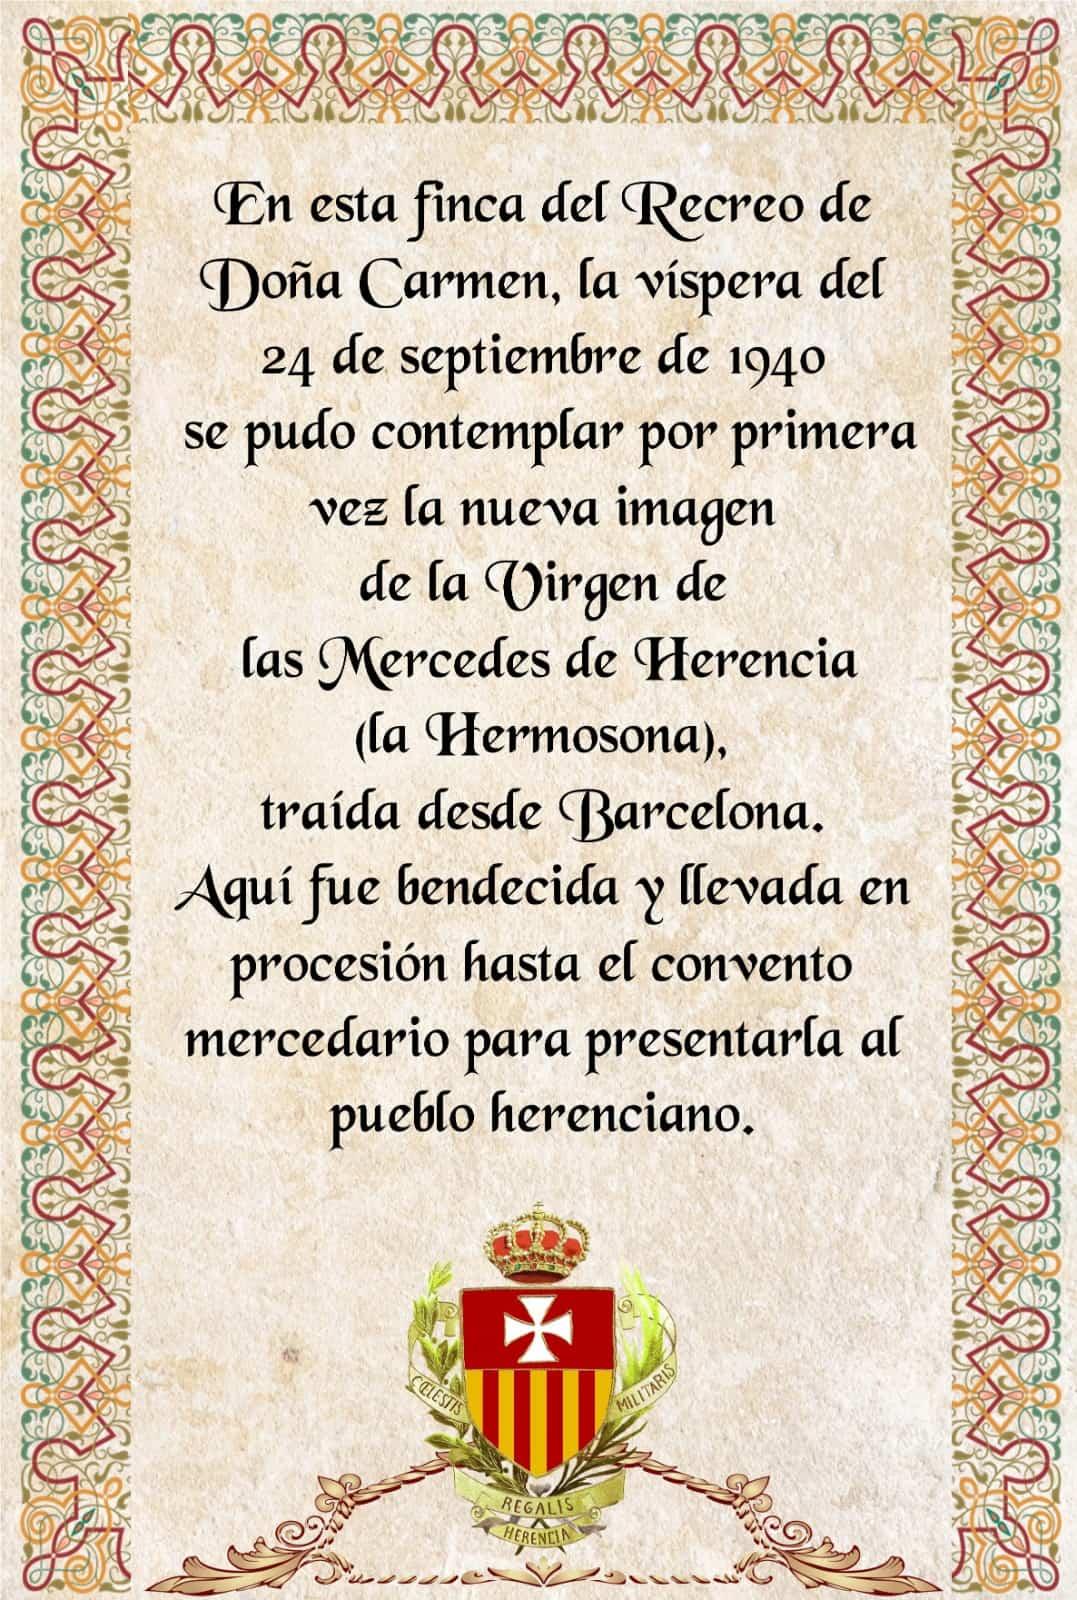 Dos cerámicas conmemoran la llegada de la actual imagen de la Virgen de las Mercedes a Herencia 6